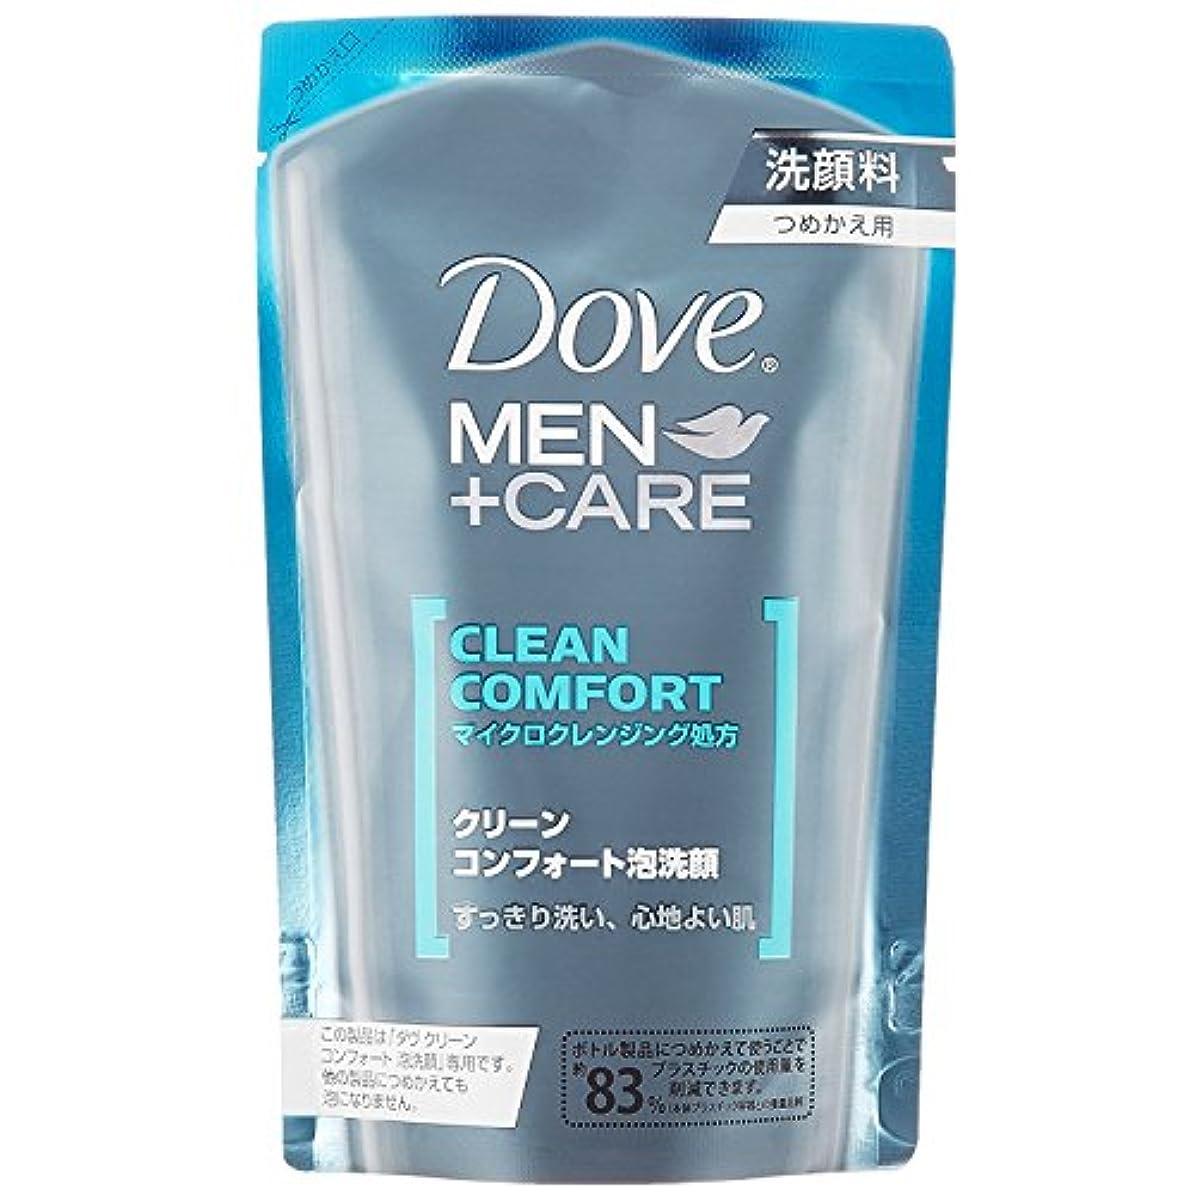 広告繰り返し損傷ダヴ クリーンコンフォート 泡洗顔 つめかえ用 110ml